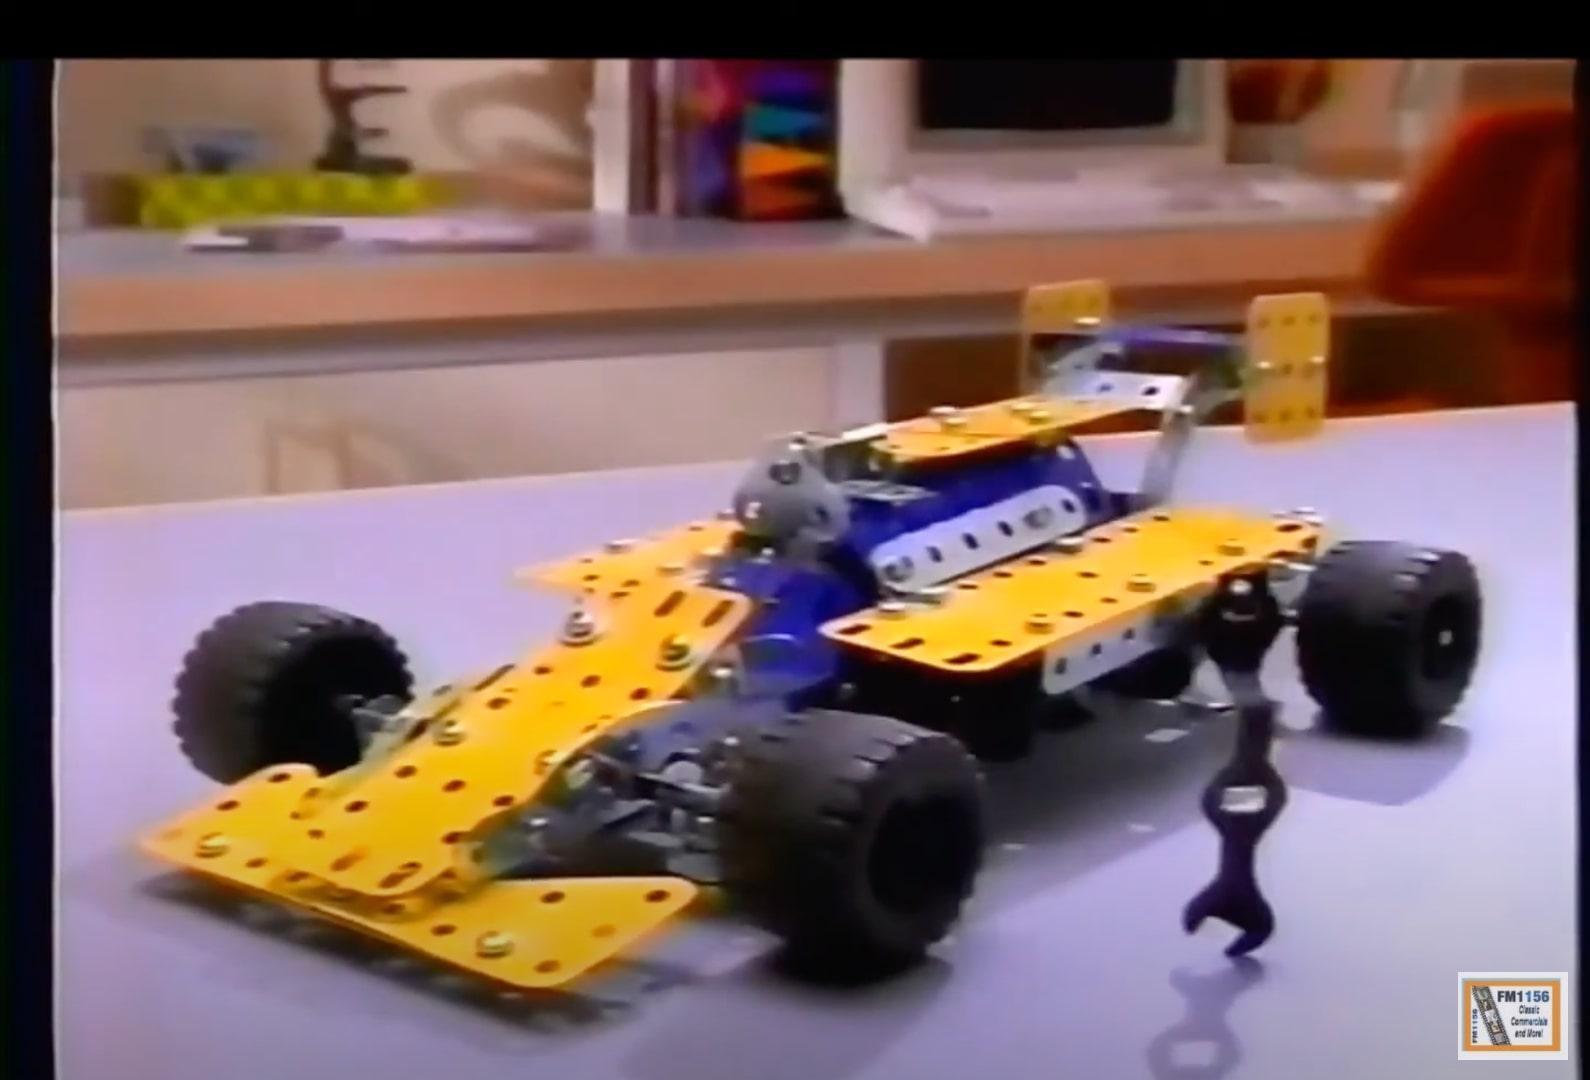 An image of a car built from an erector set.